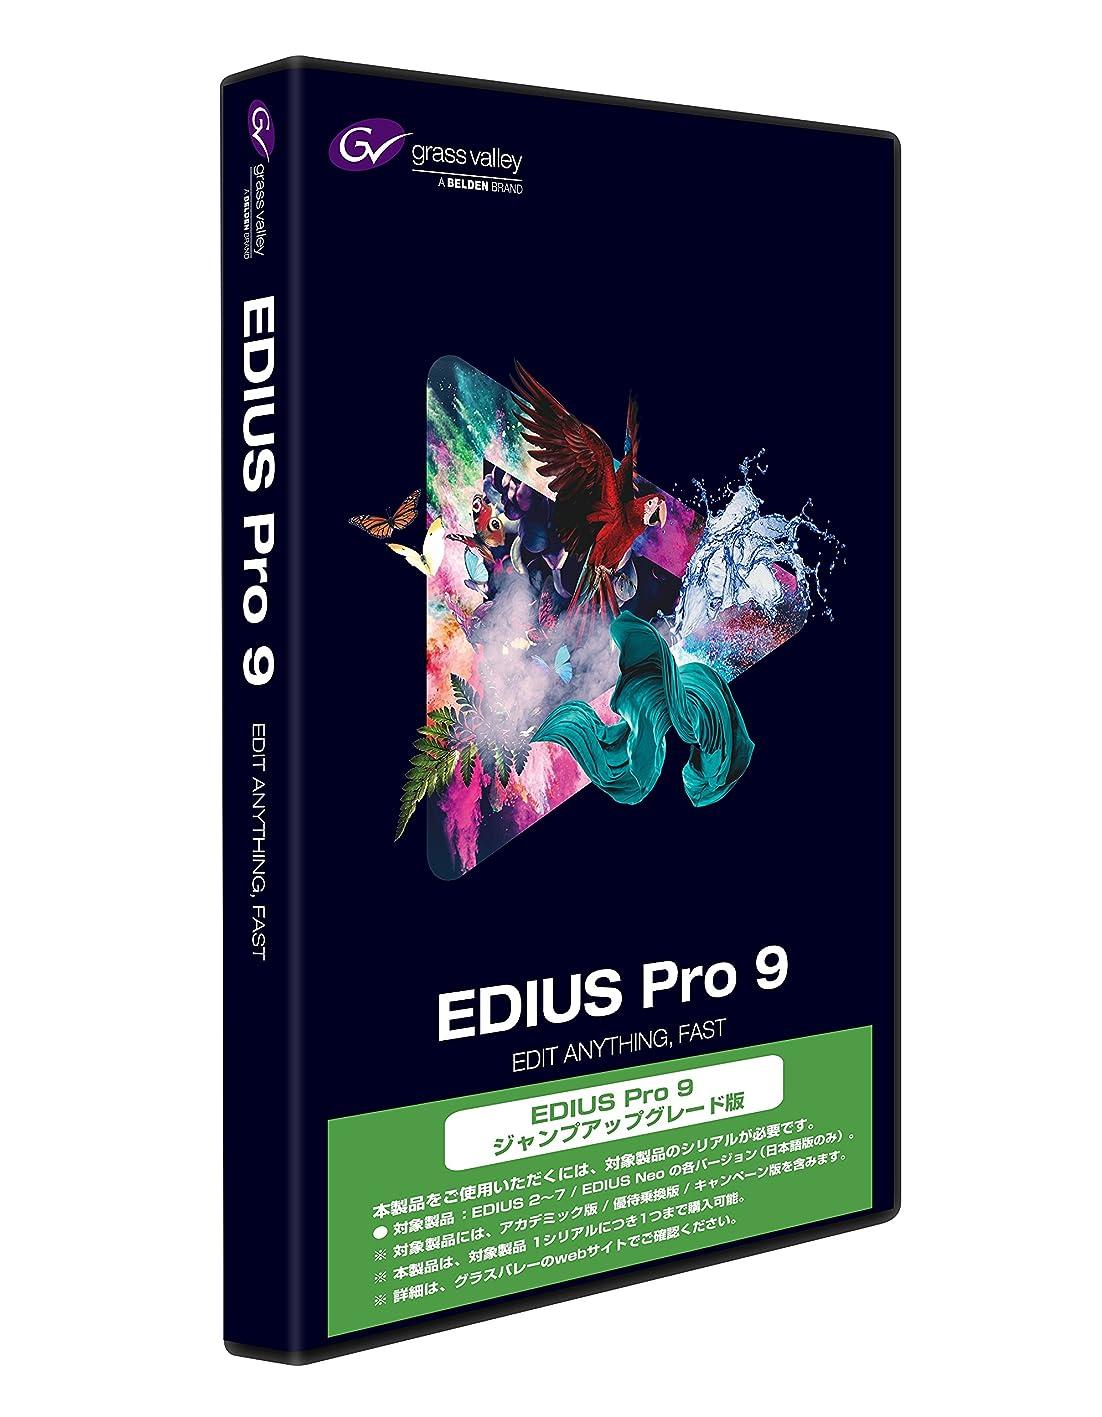 虚弱抜け目のない永遠のグラスバレー EDIUS Pro 9 優待乗換版 EPR9-JUPR-JP